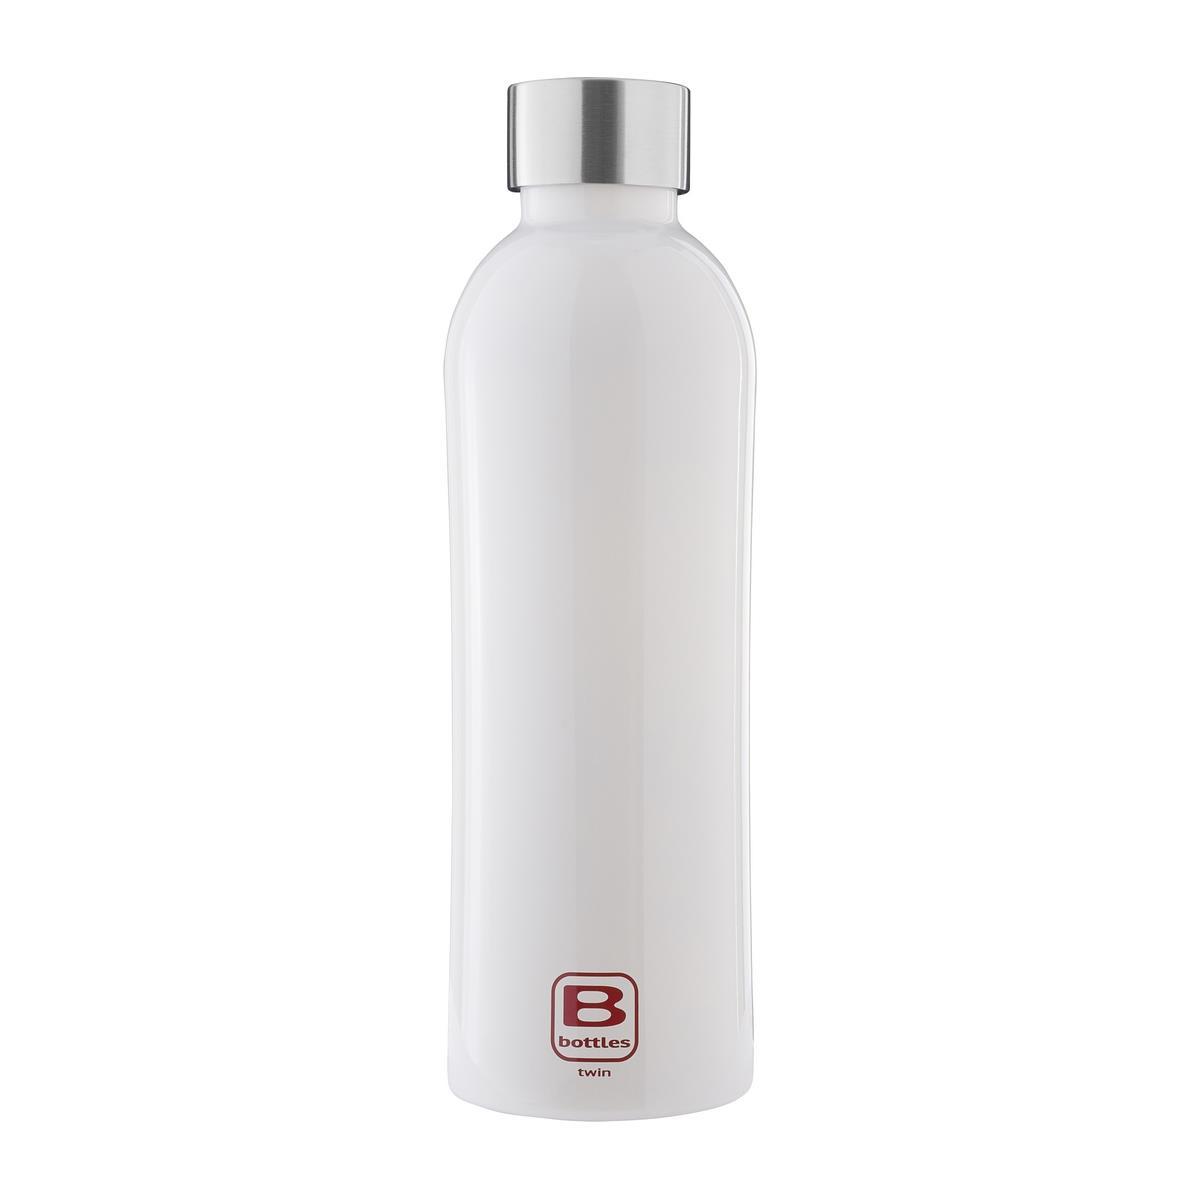 B Bottles Twin - Bianco Bright - 800 ml - Bottiglia Termica a doppia parete in acciaio inox 18/10